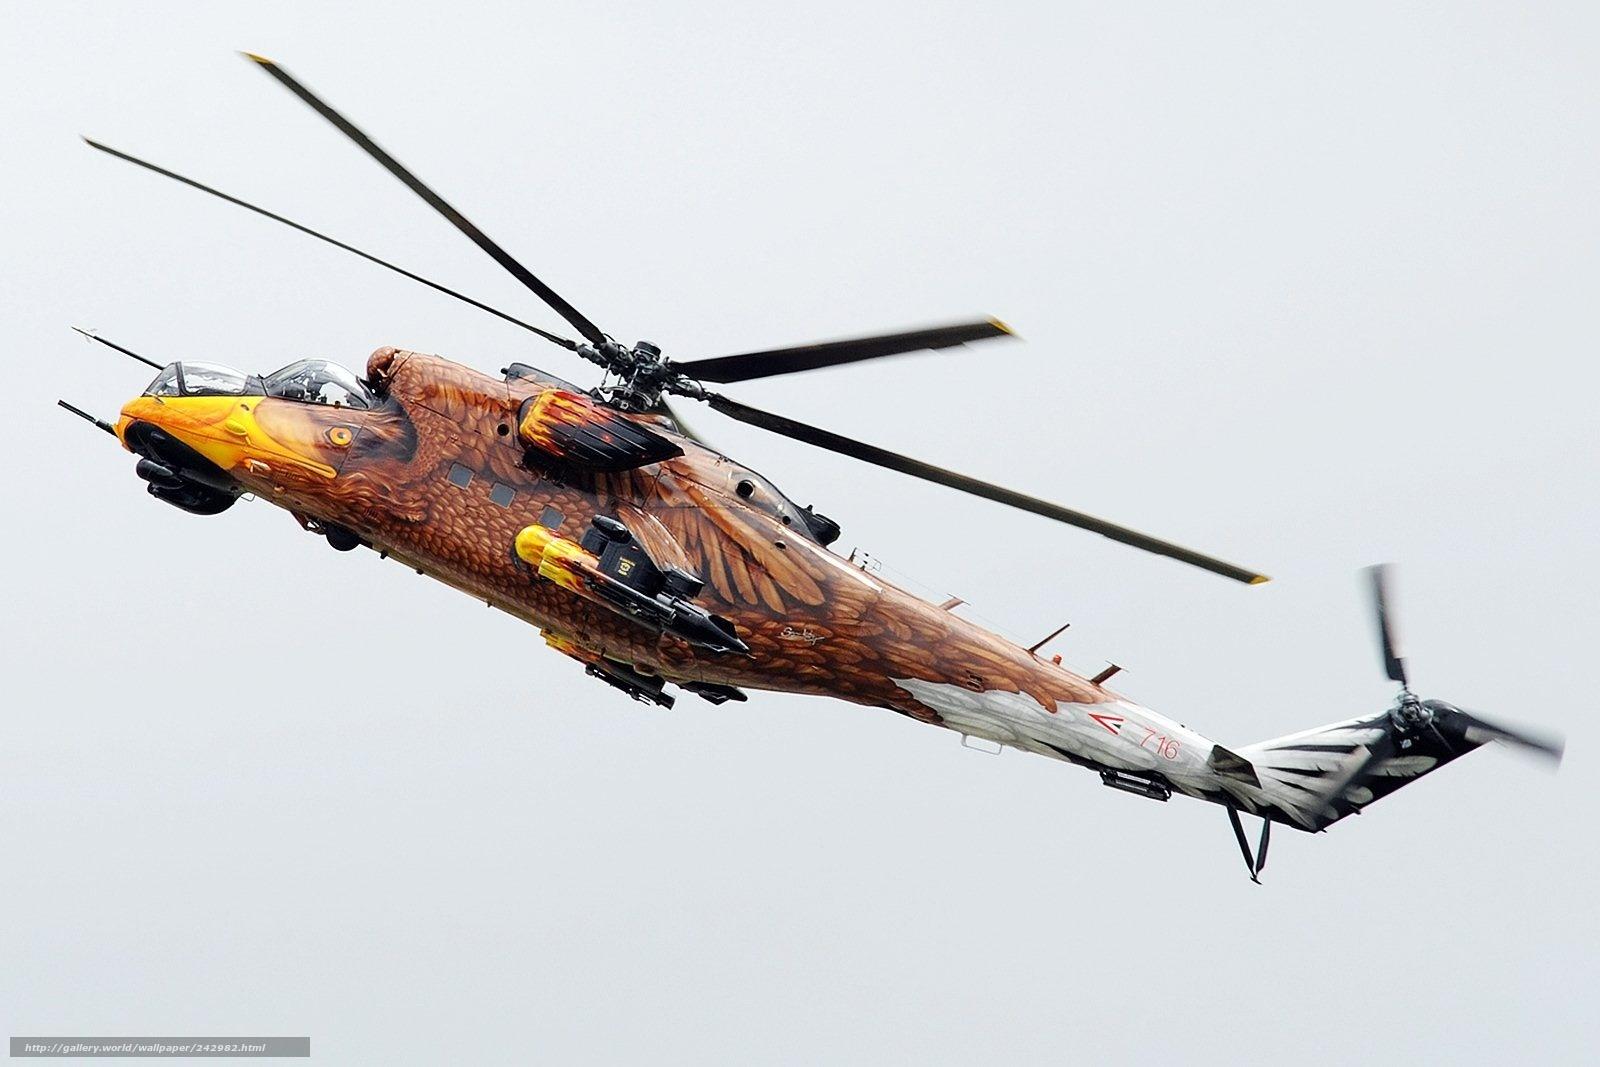 Elicottero Disegno : Scaricare gli sfondi mi elicottero aquila disegno